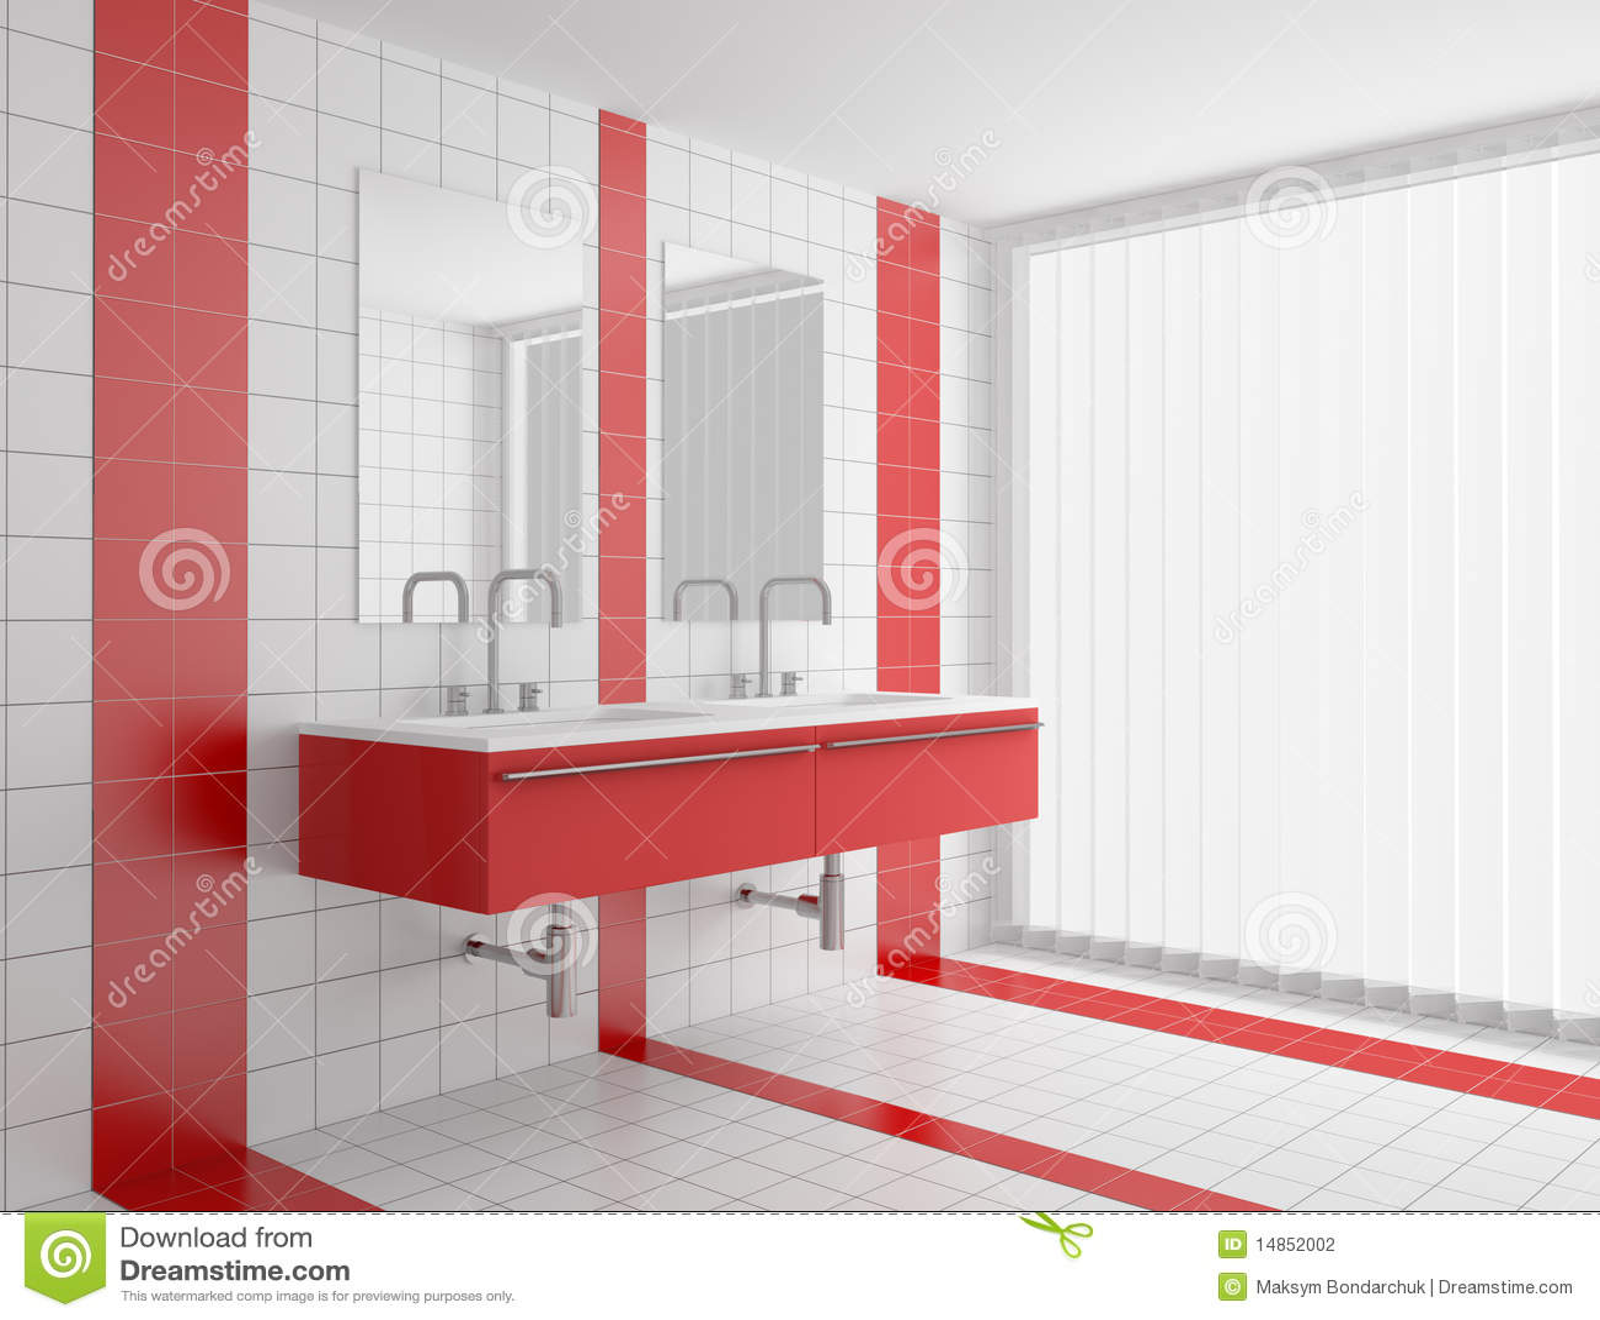 Cuarto de ba o moderno con los azulejos rojos y blancos - Azulejos cuartos de bano modernos ...